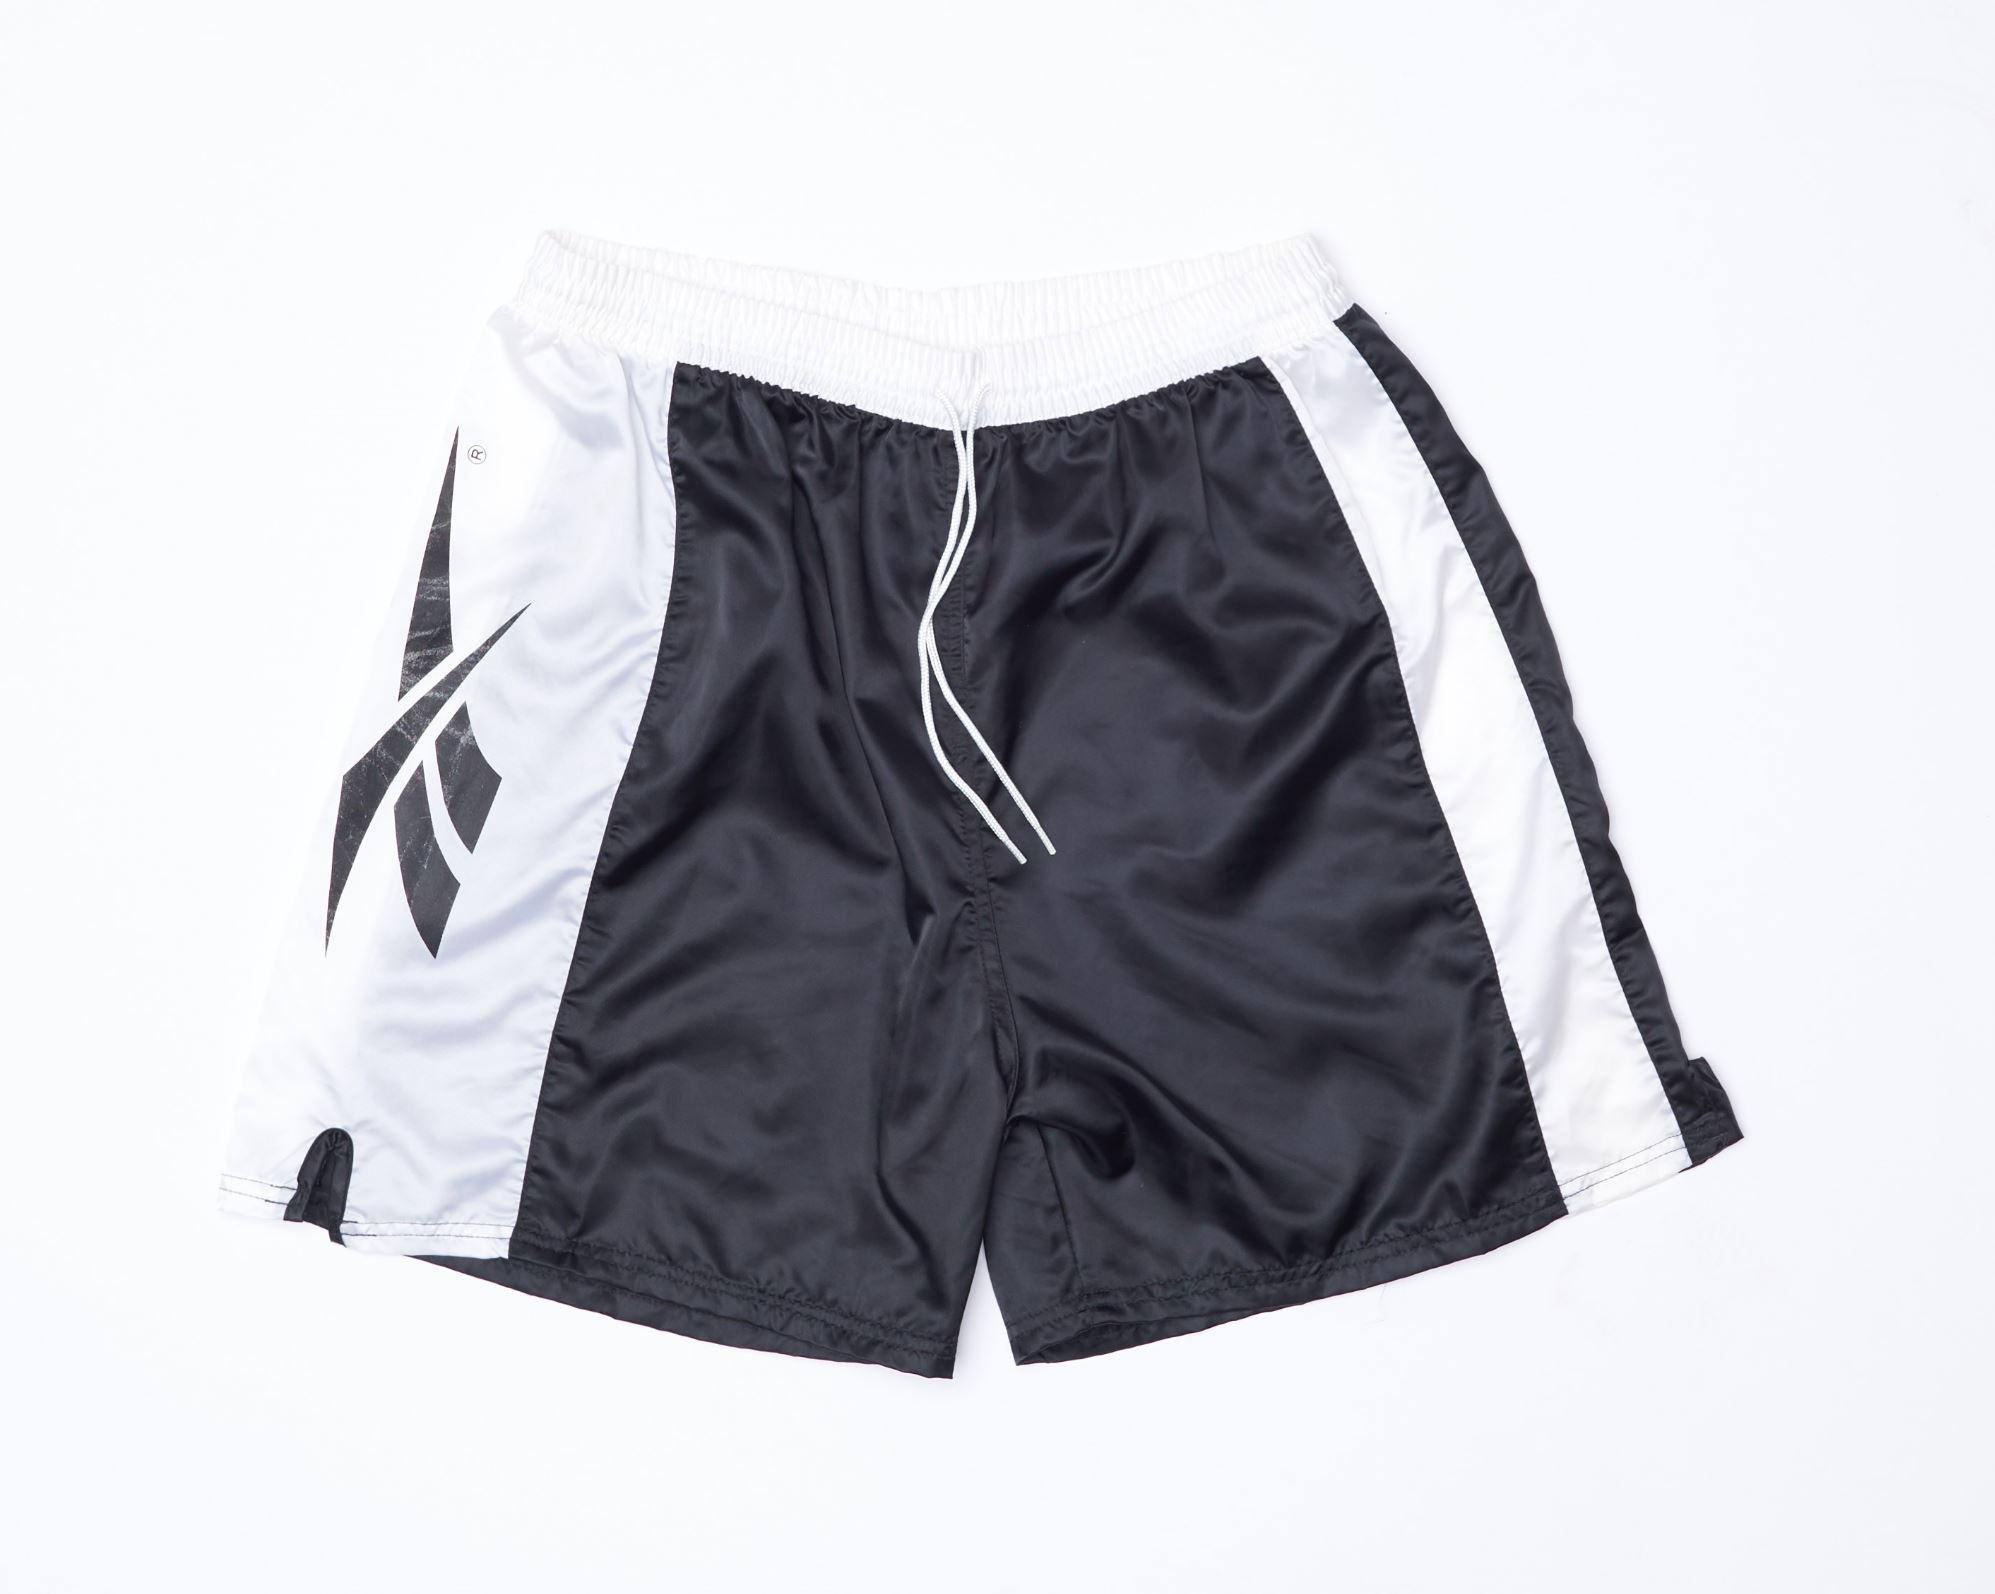 online retailer 9ef05 964f3 jay versace reebok capsule shorts